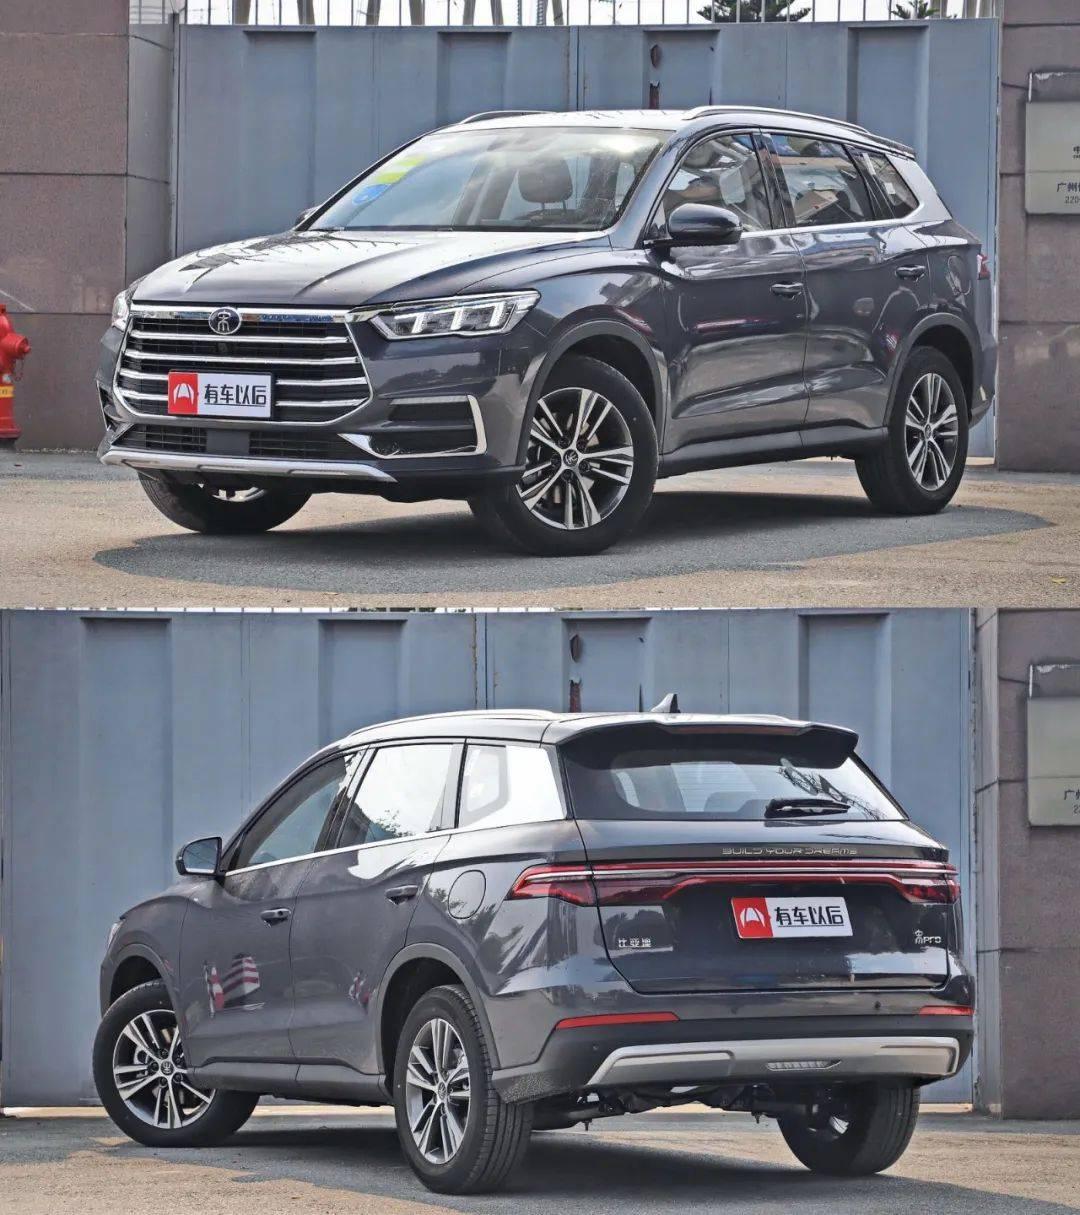 比亚迪的两款超火SUV都是新款,销量在榜,口碑极佳,可以买!